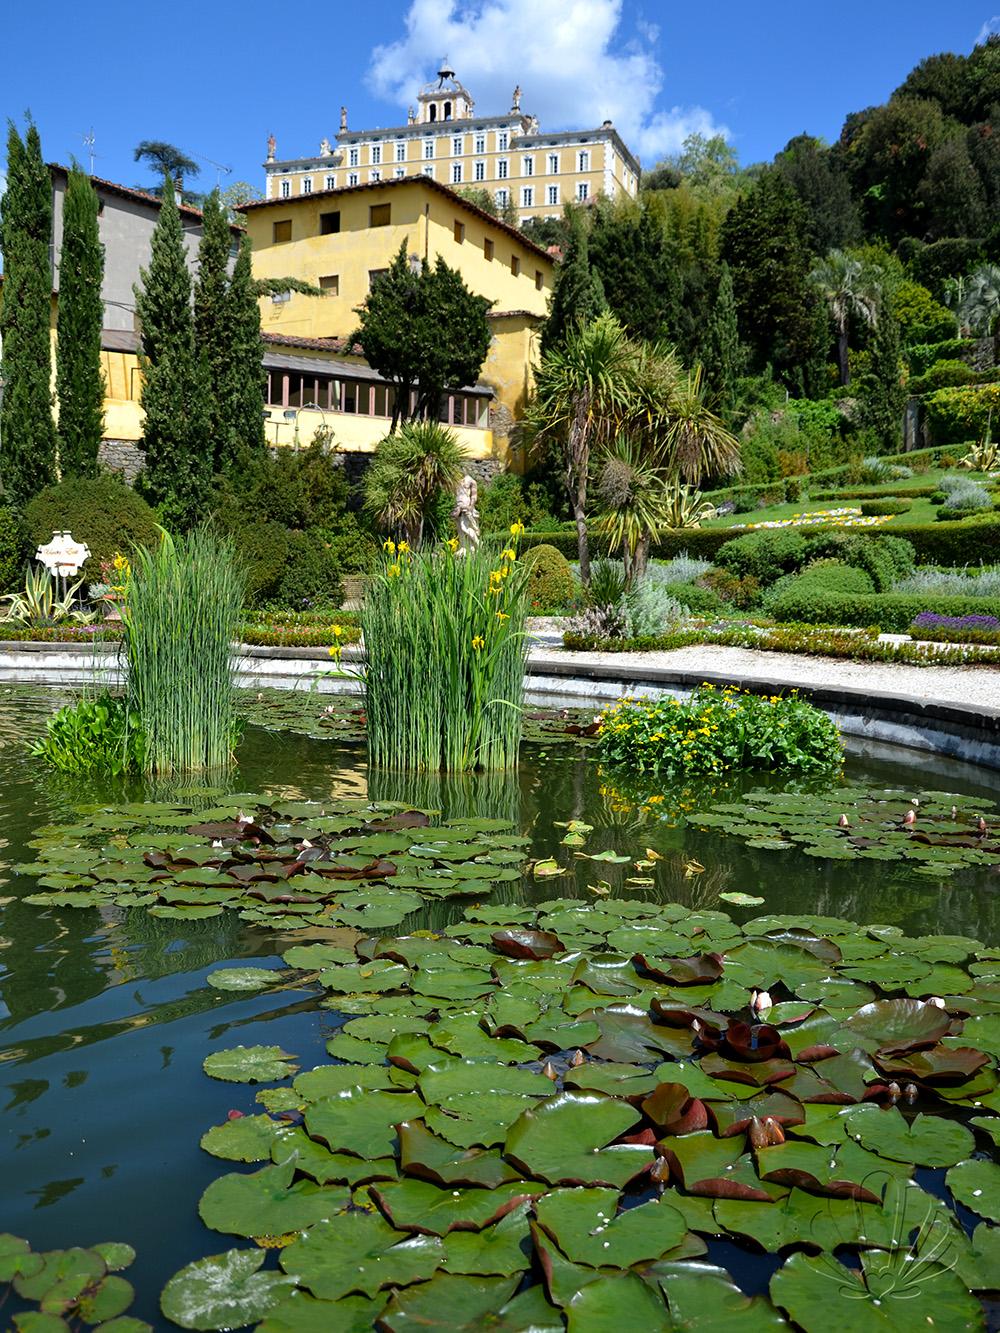 Non solo Pinocchio: a Collodi, lo storico giardino e la butterfly house di  Villa Garzoni — Giorni Rubati